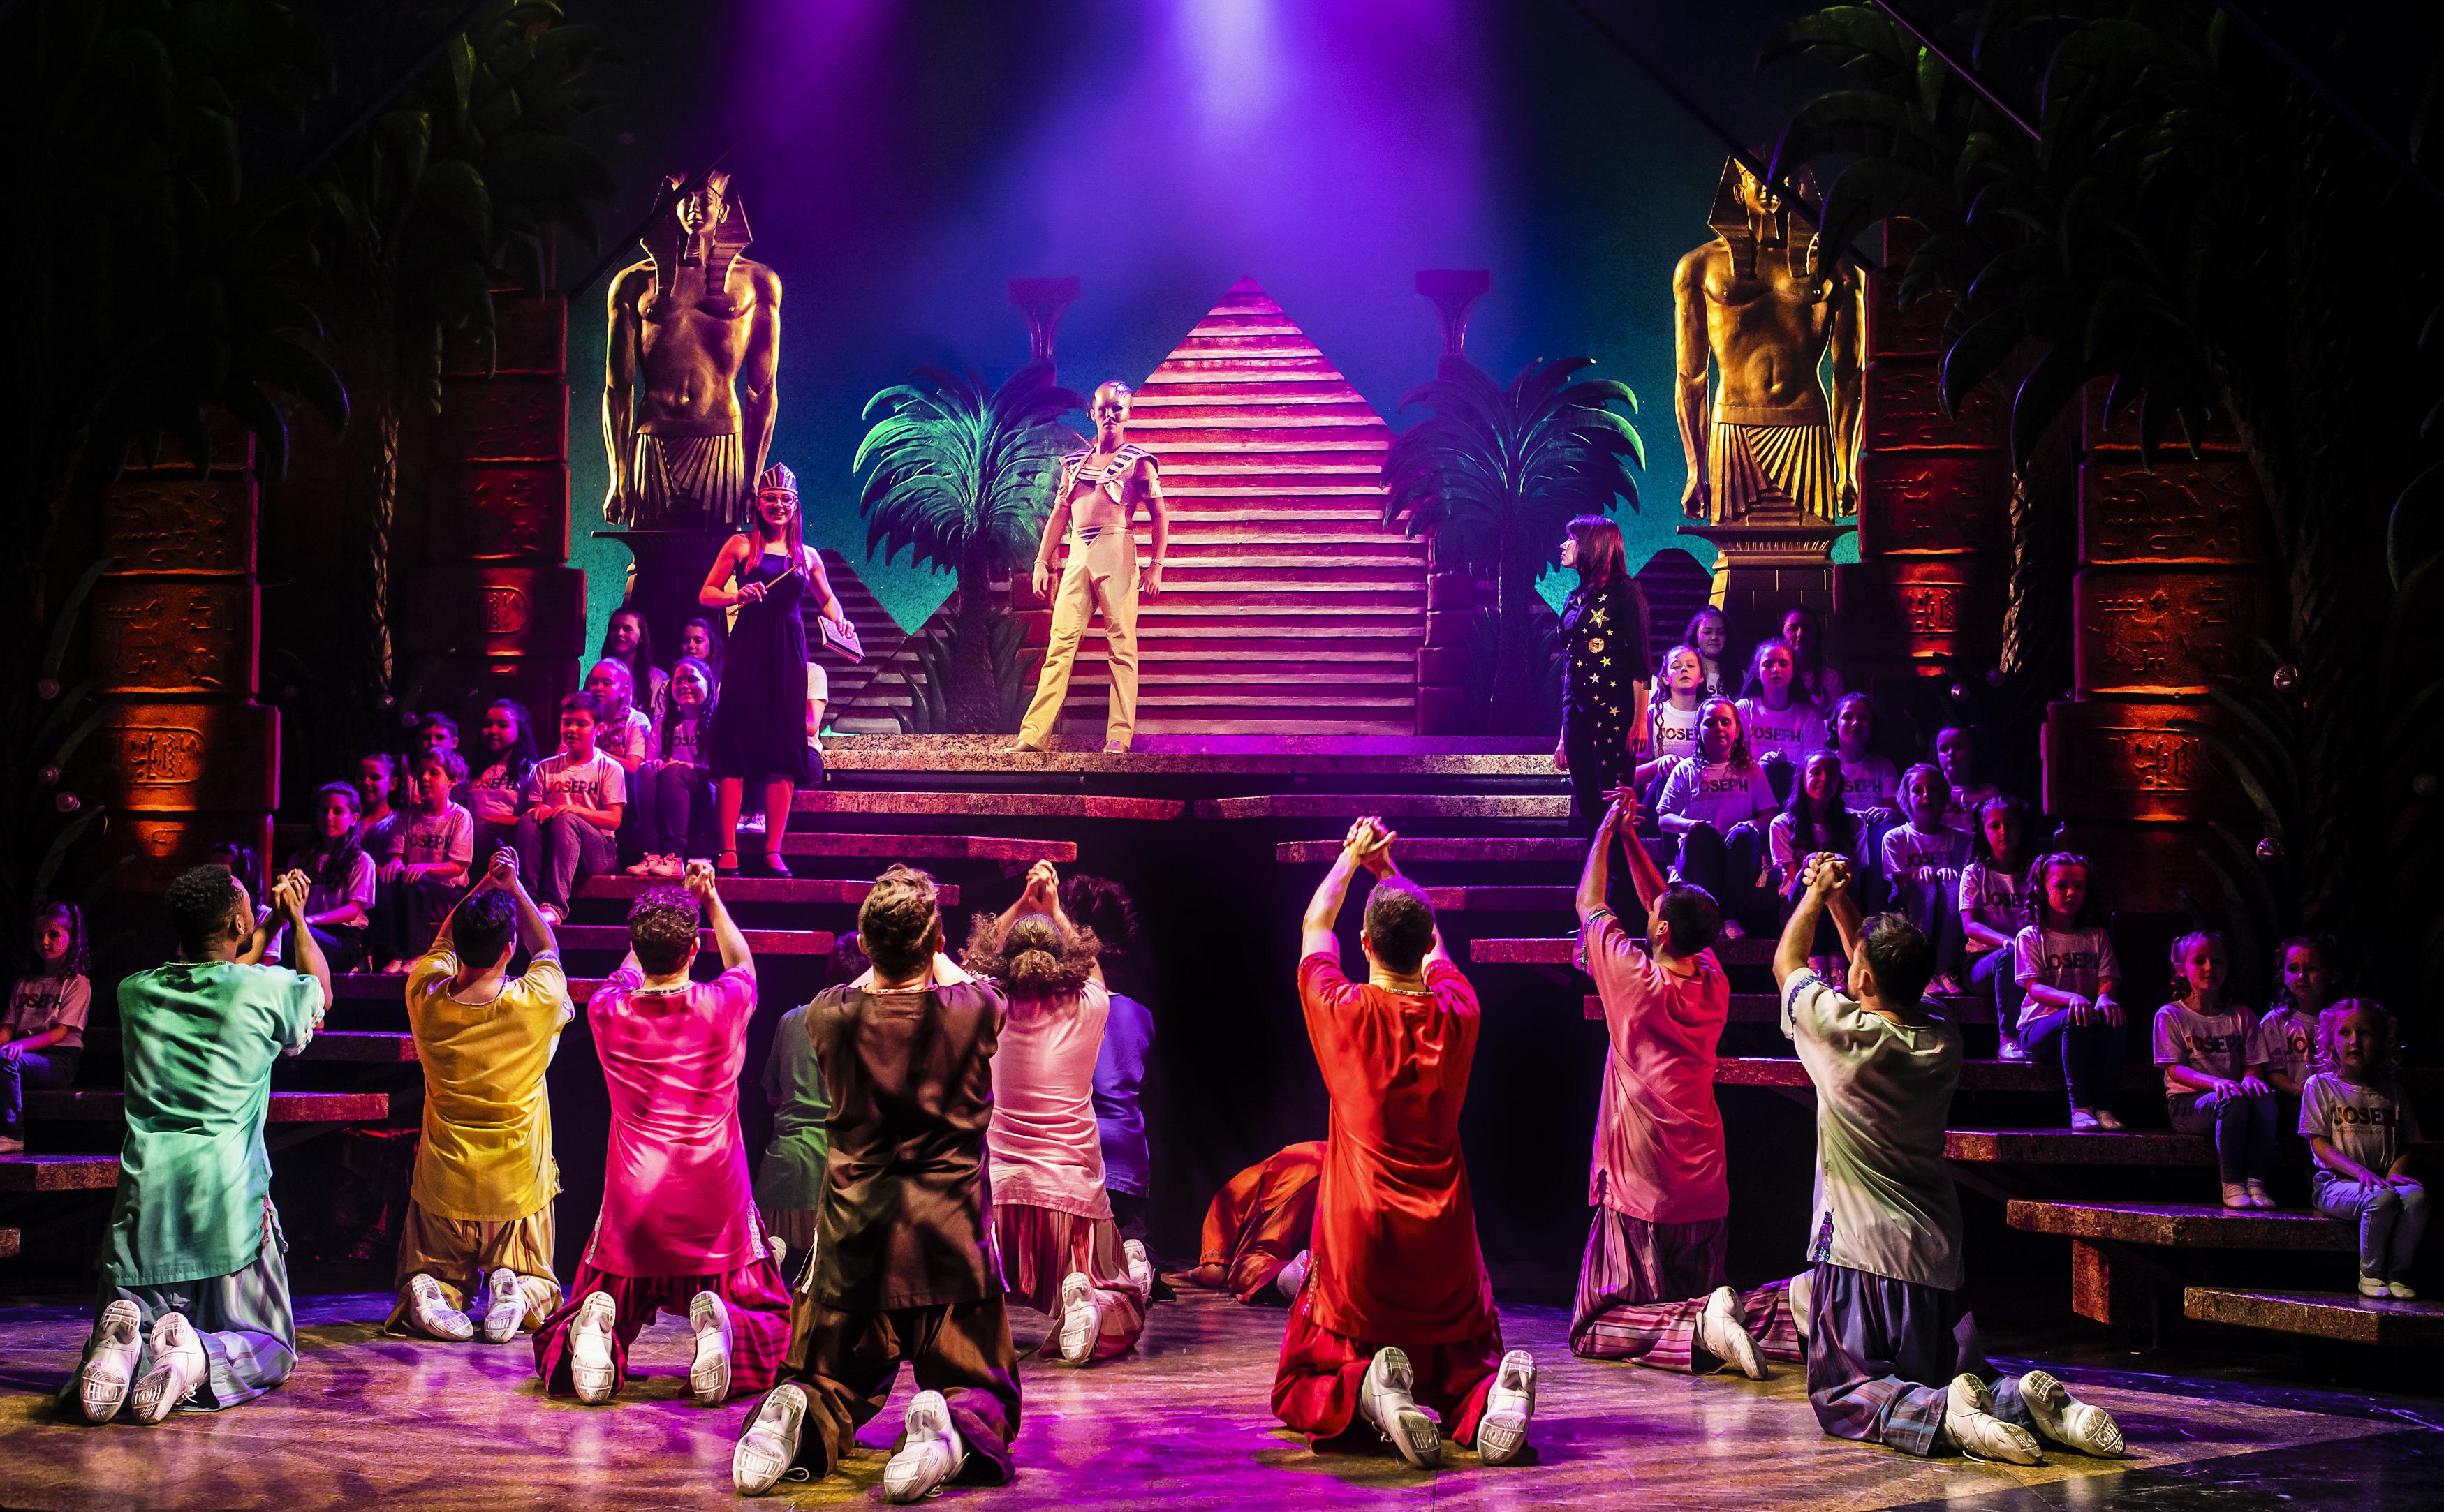 MK Theatre Presents: Joseph and the Amazing Technicolor Dreamcoat